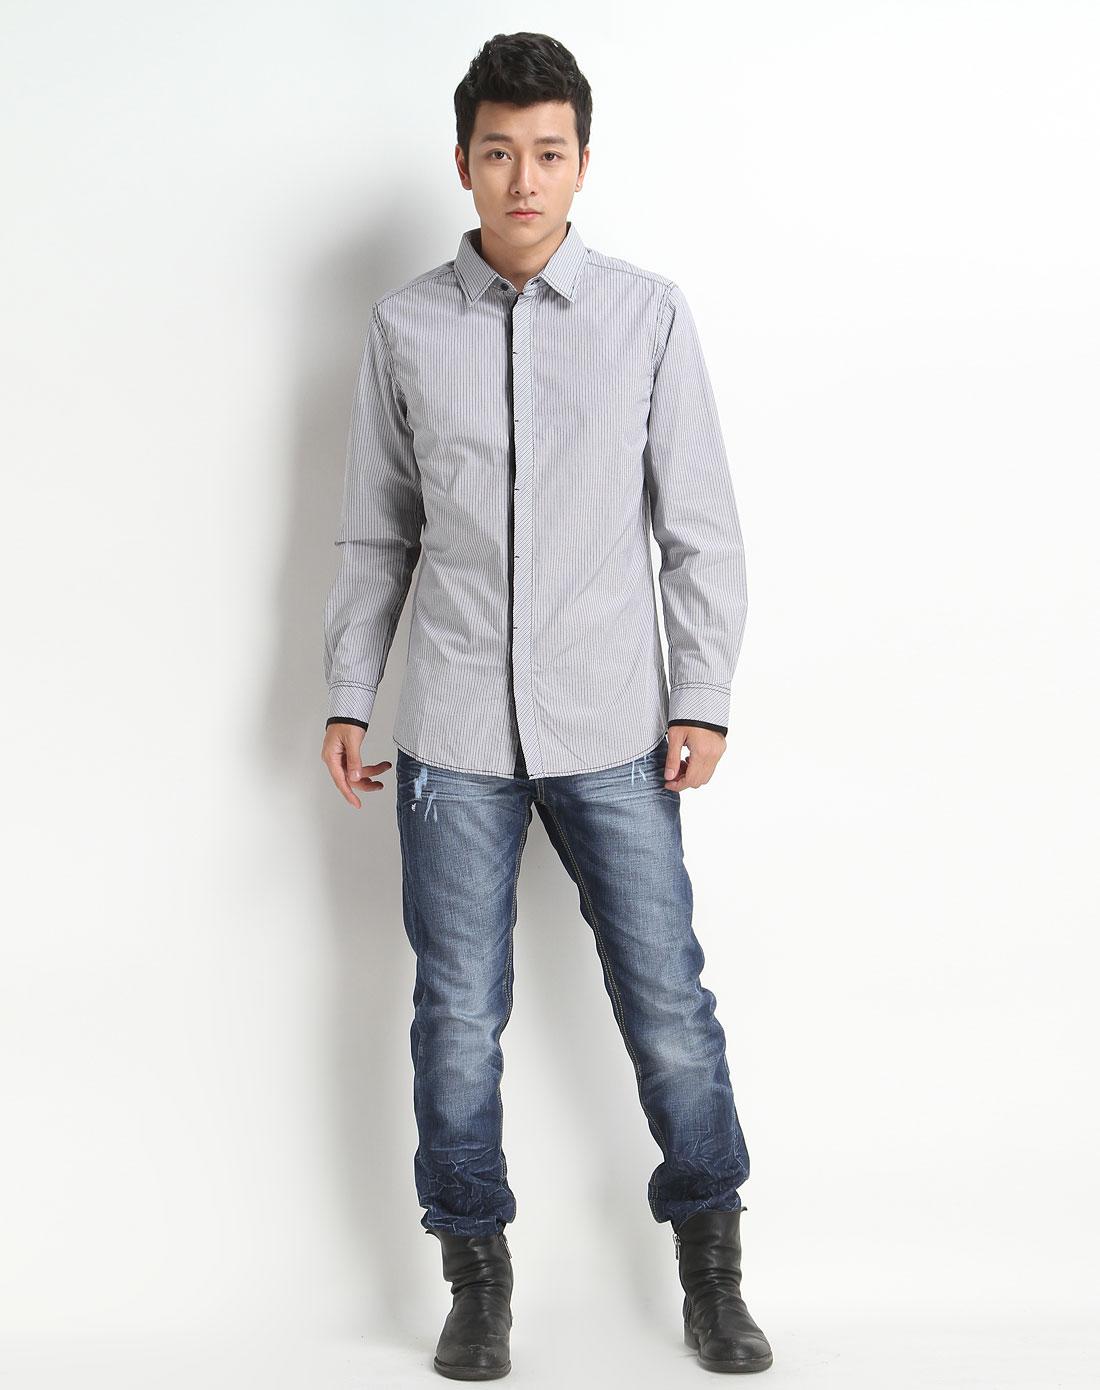 森马男装专场-灰色条纹长袖衬衫图片